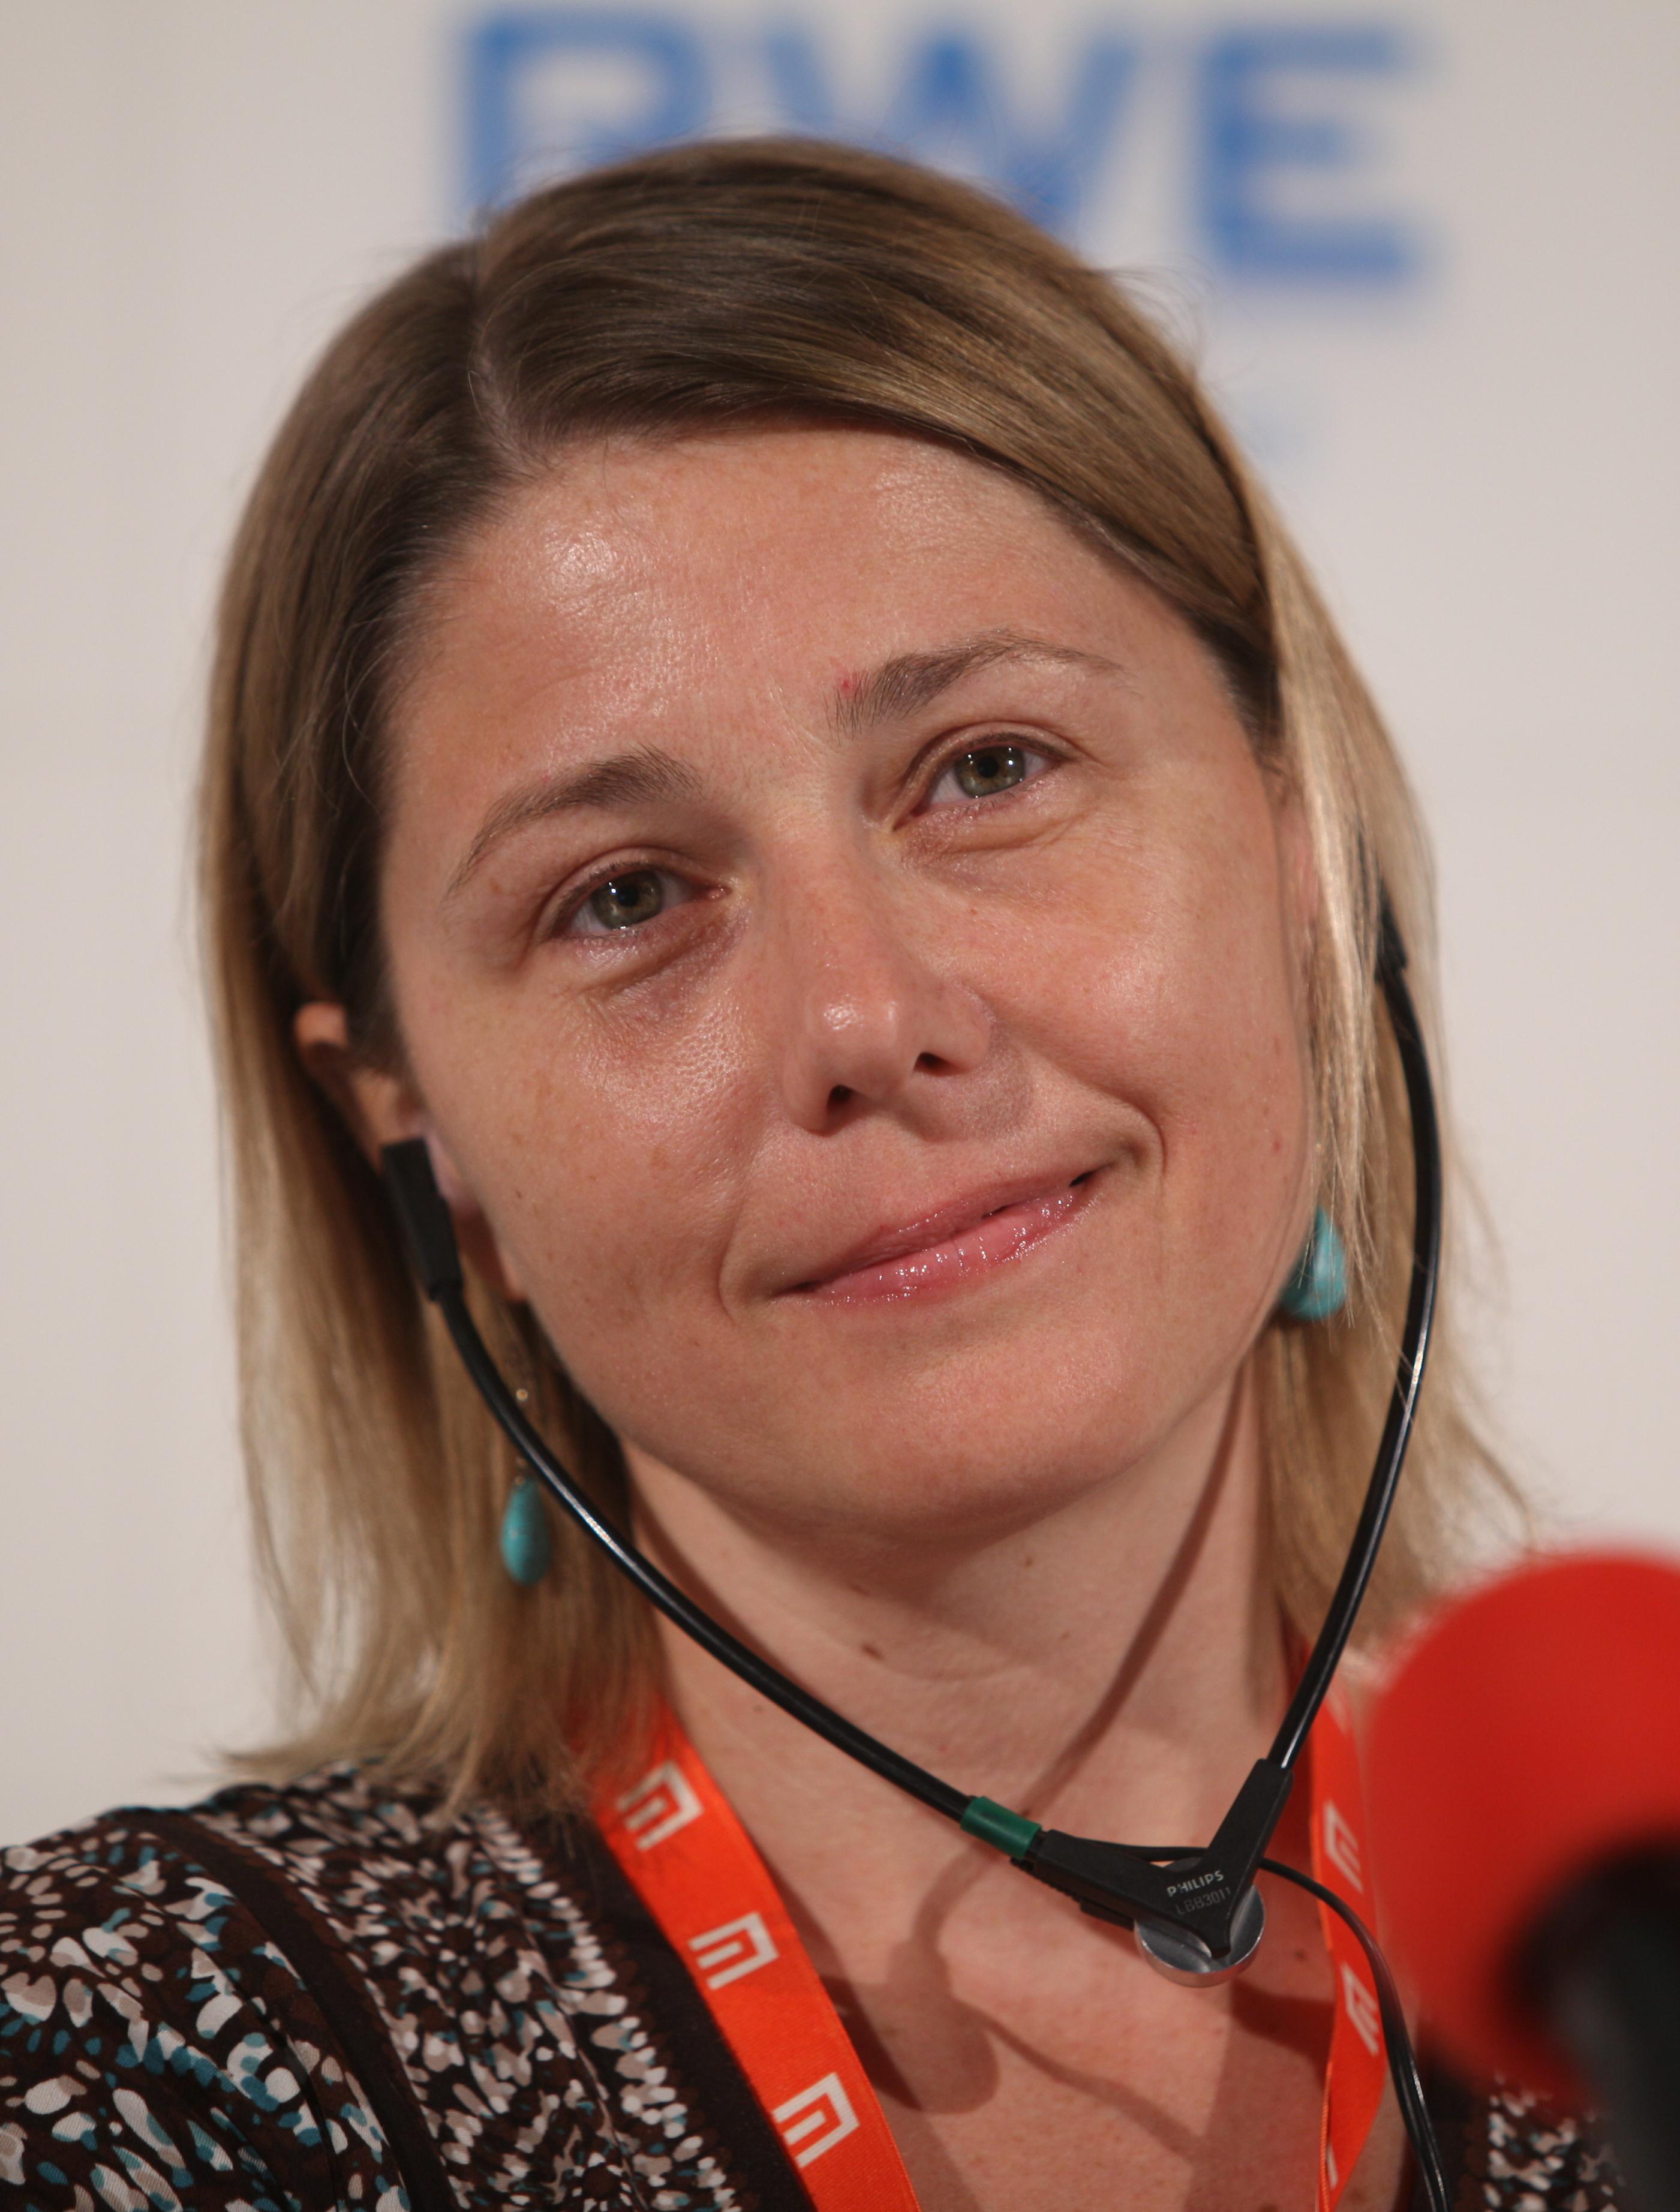 Ana Acimovic nataša dorčić - wikipedia